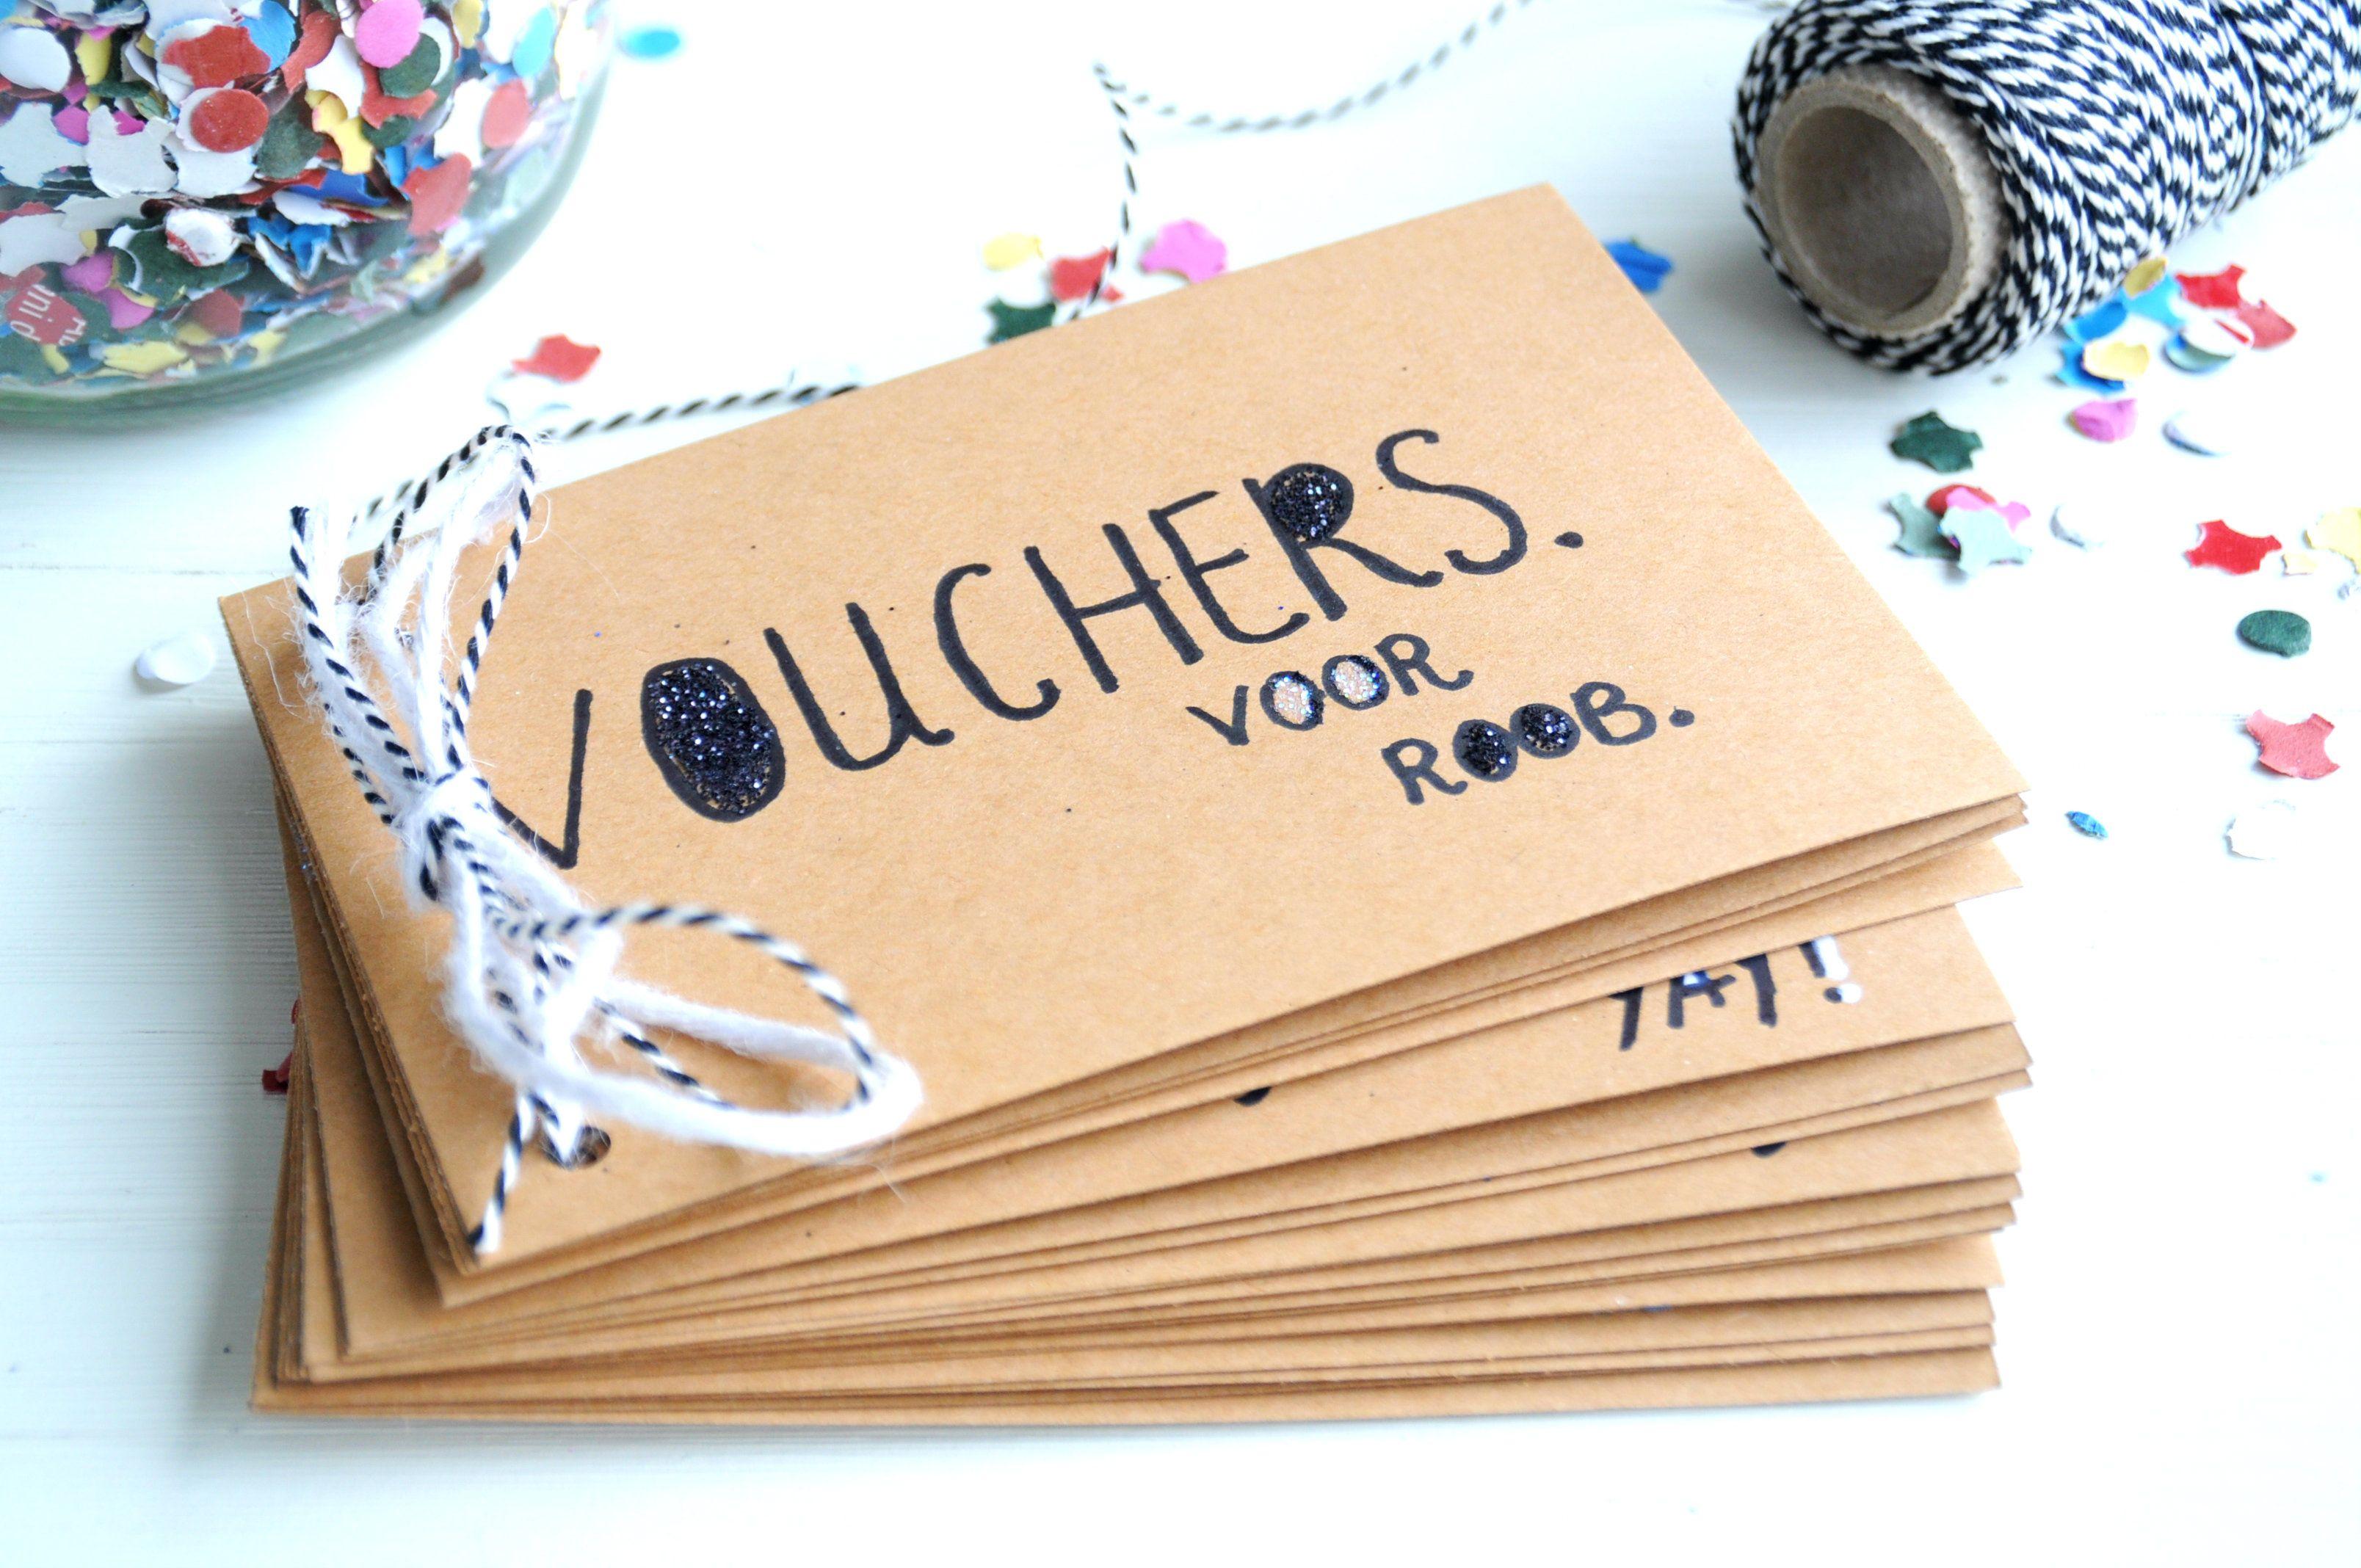 Genoeg Zelf boekje met tegoedbonnen & waardebonnen maken | Pinterest  &FI18